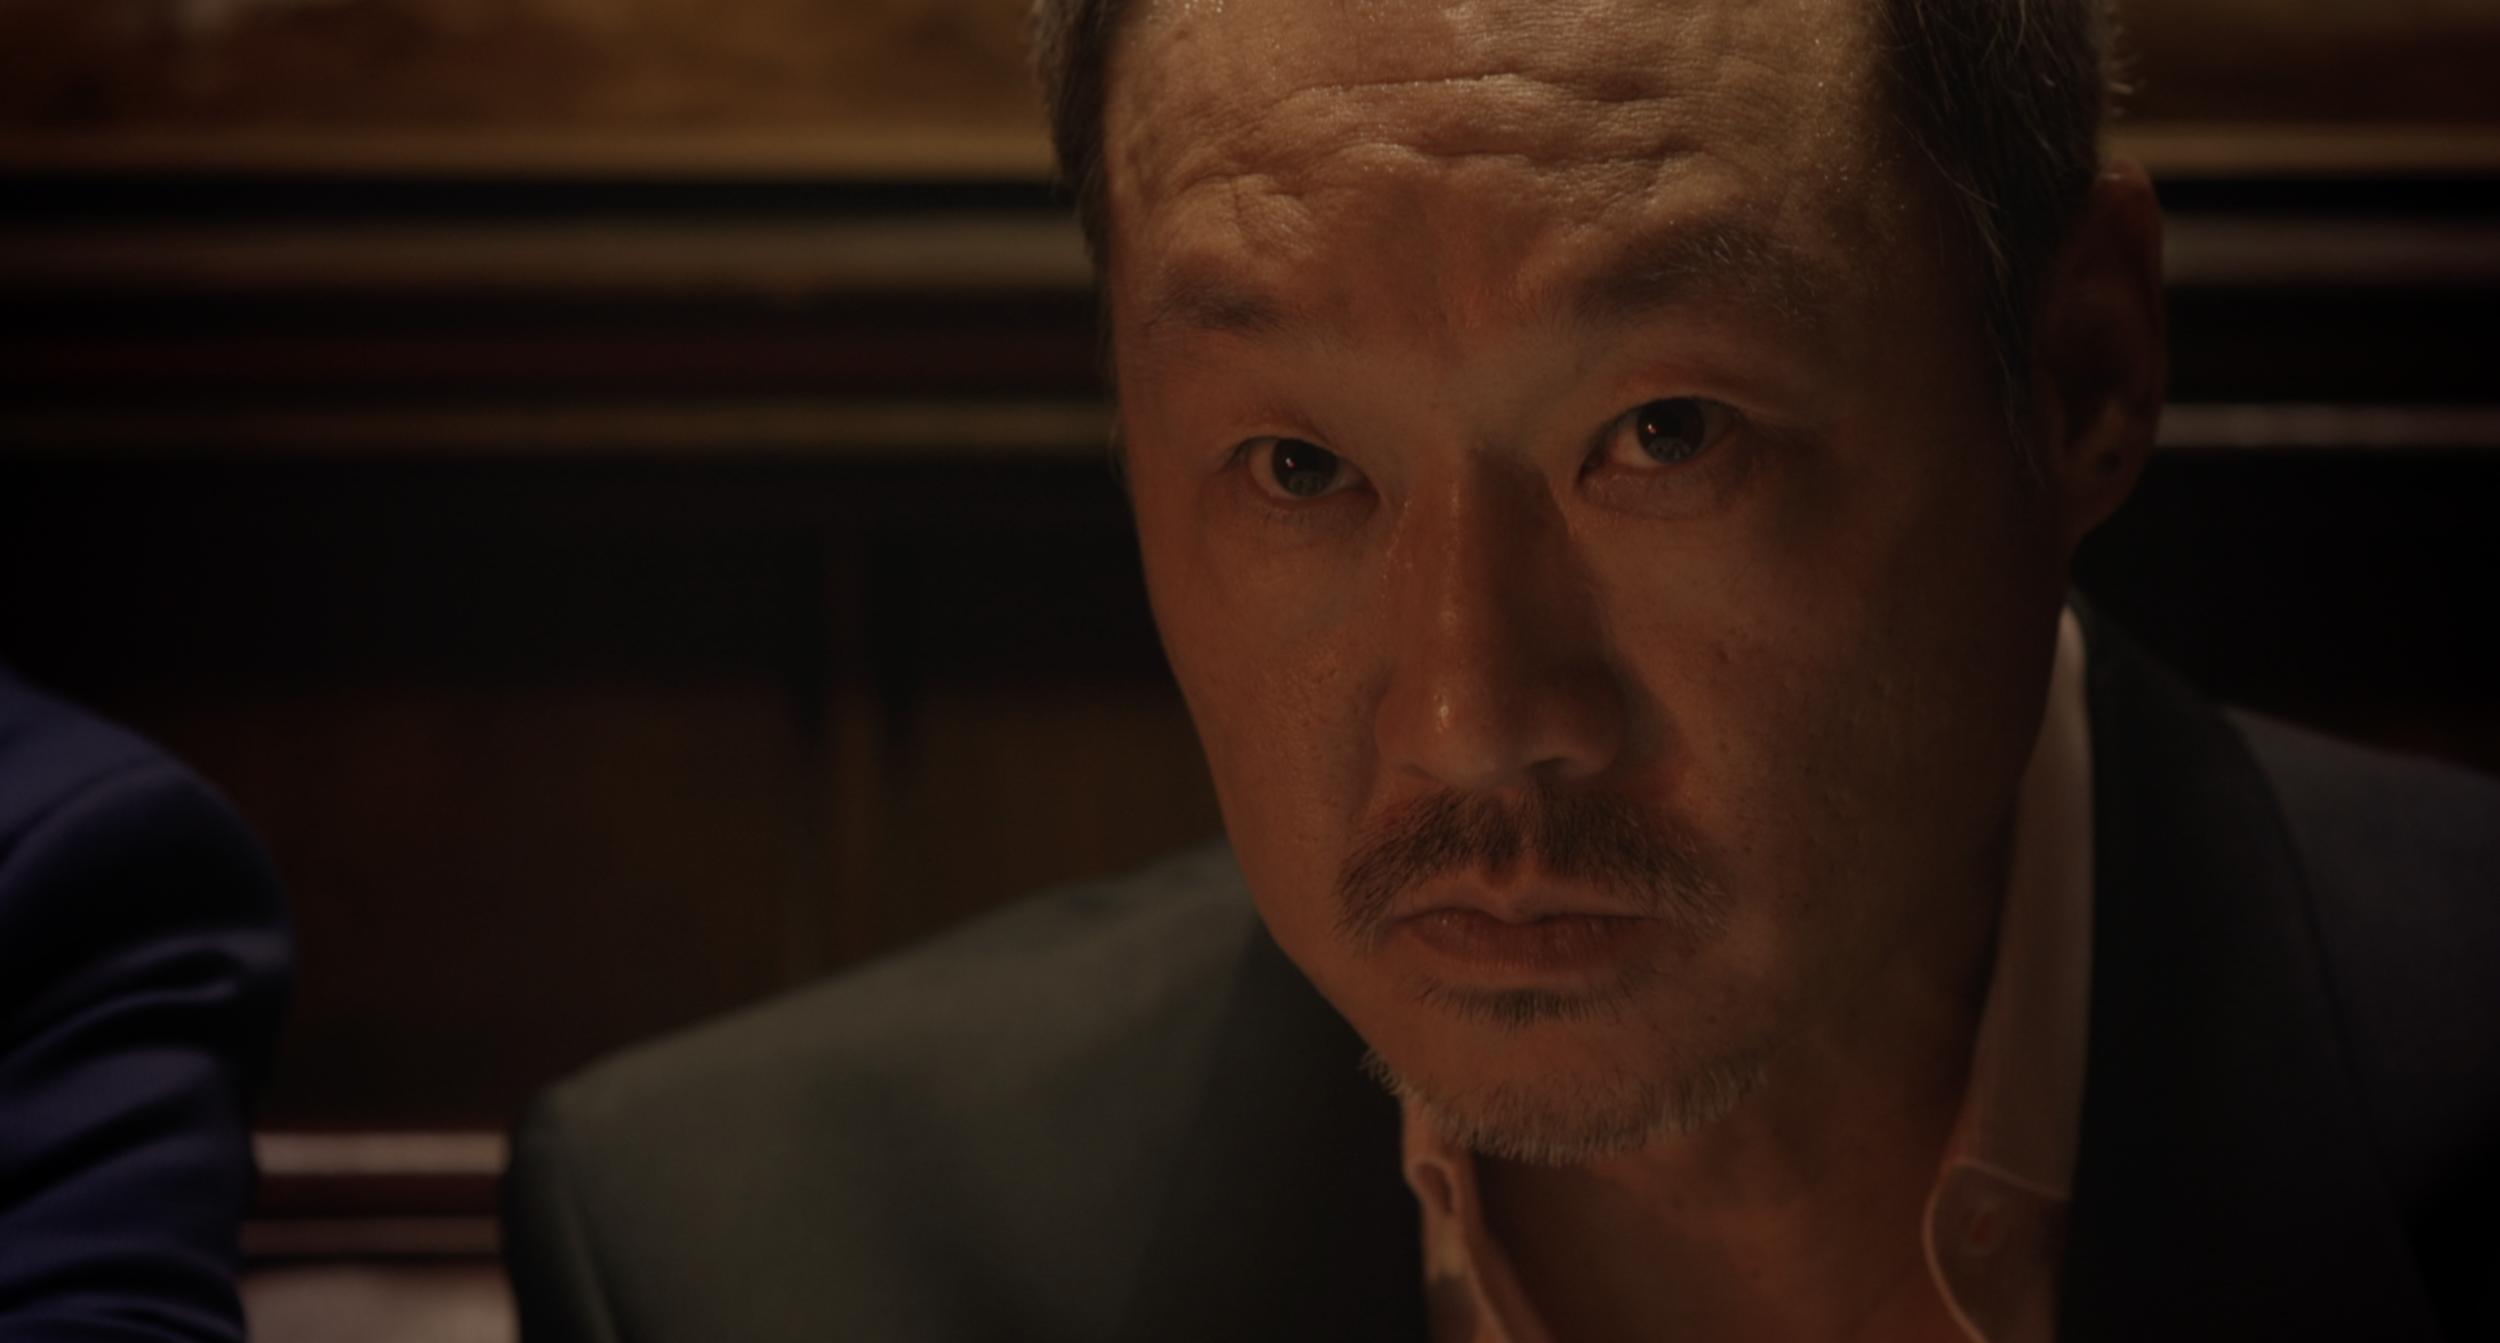 Victor J. Ho as Jiho